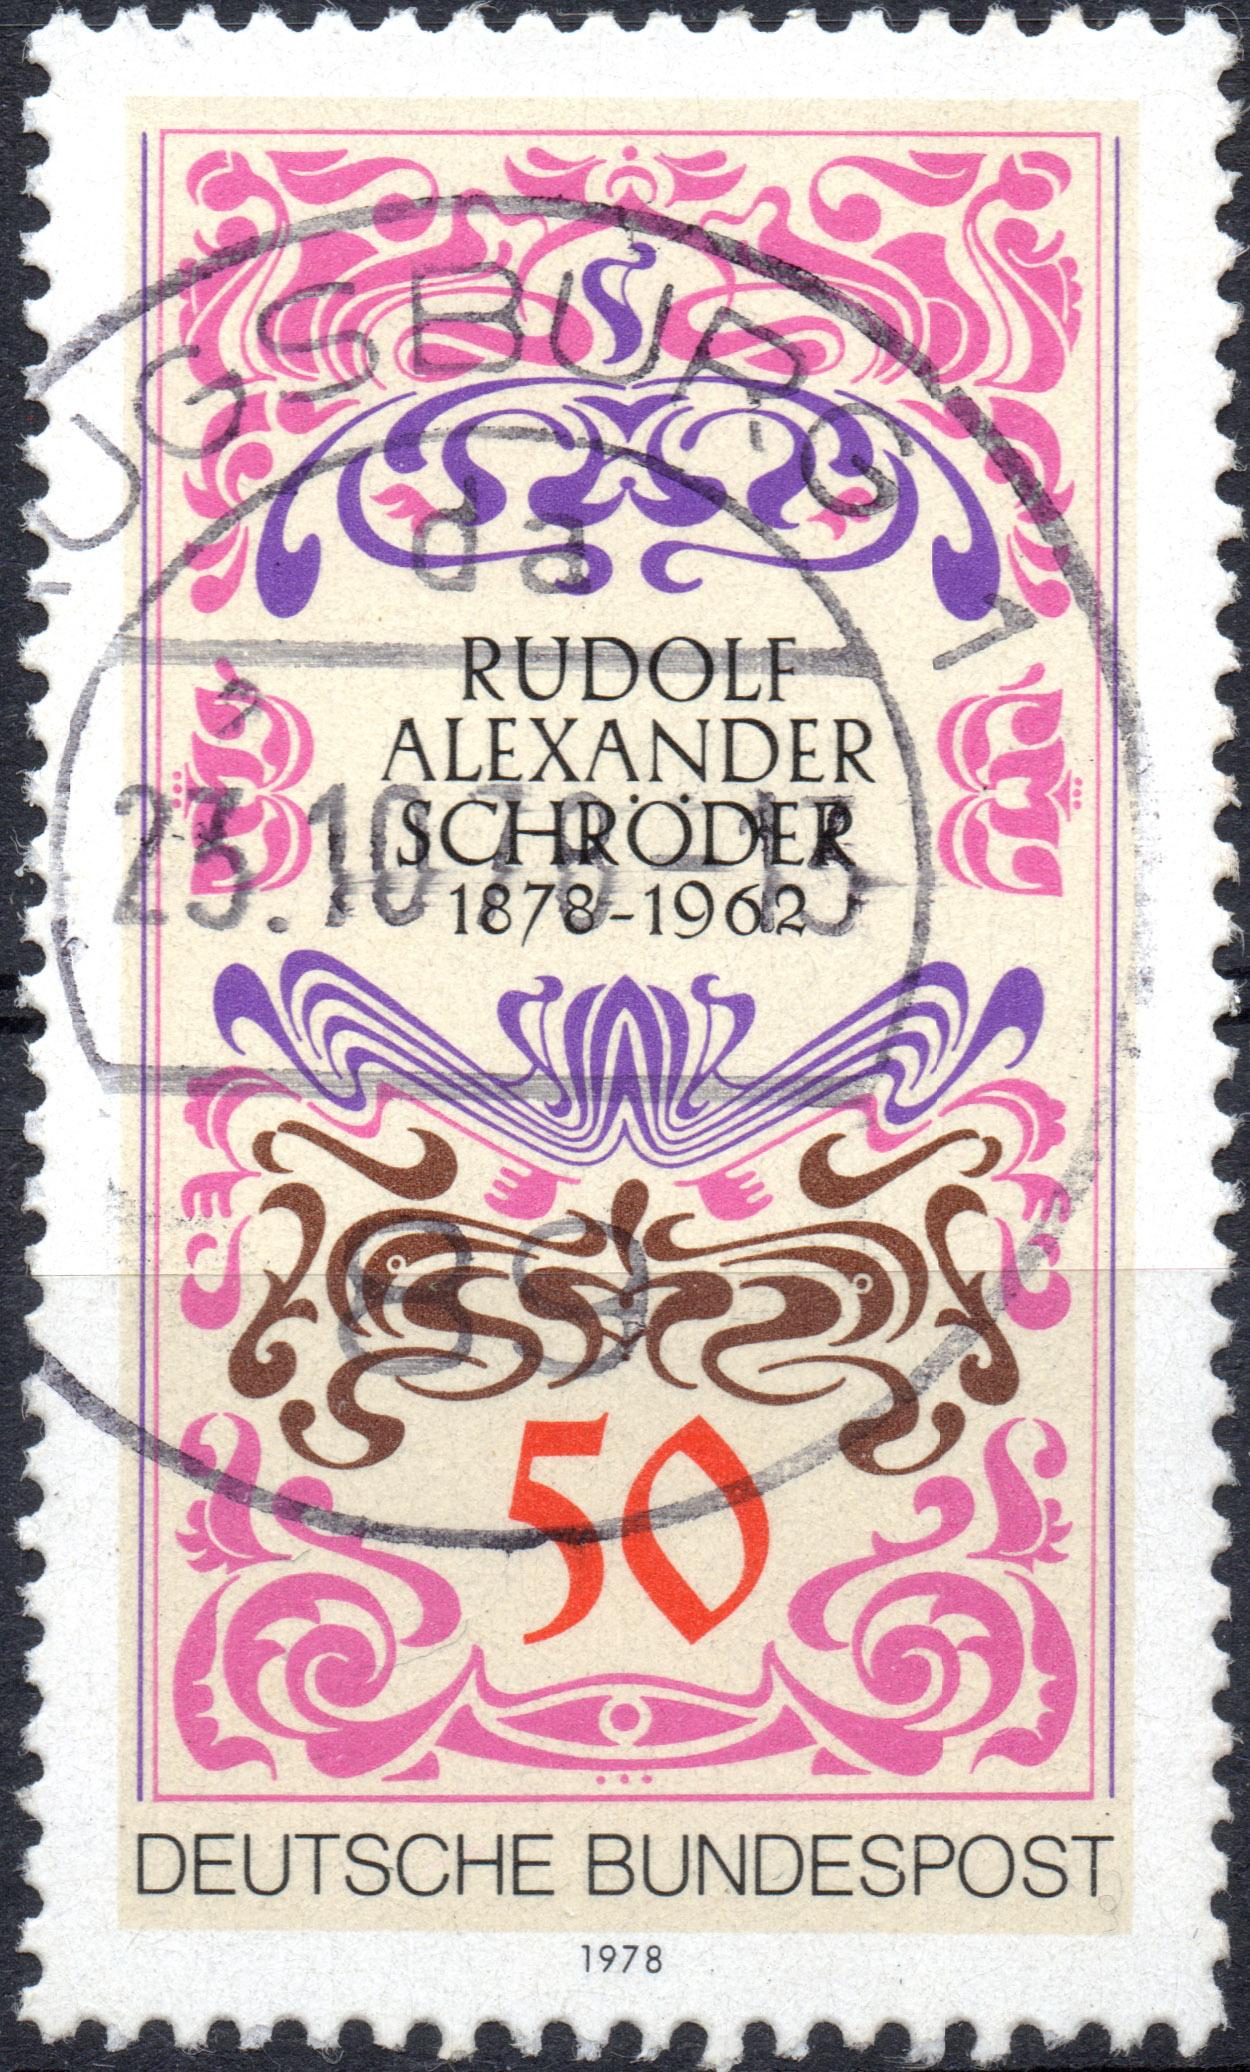 Brd Deutsche Bundespost Briefmarke Briefmarken Sammlunginfo